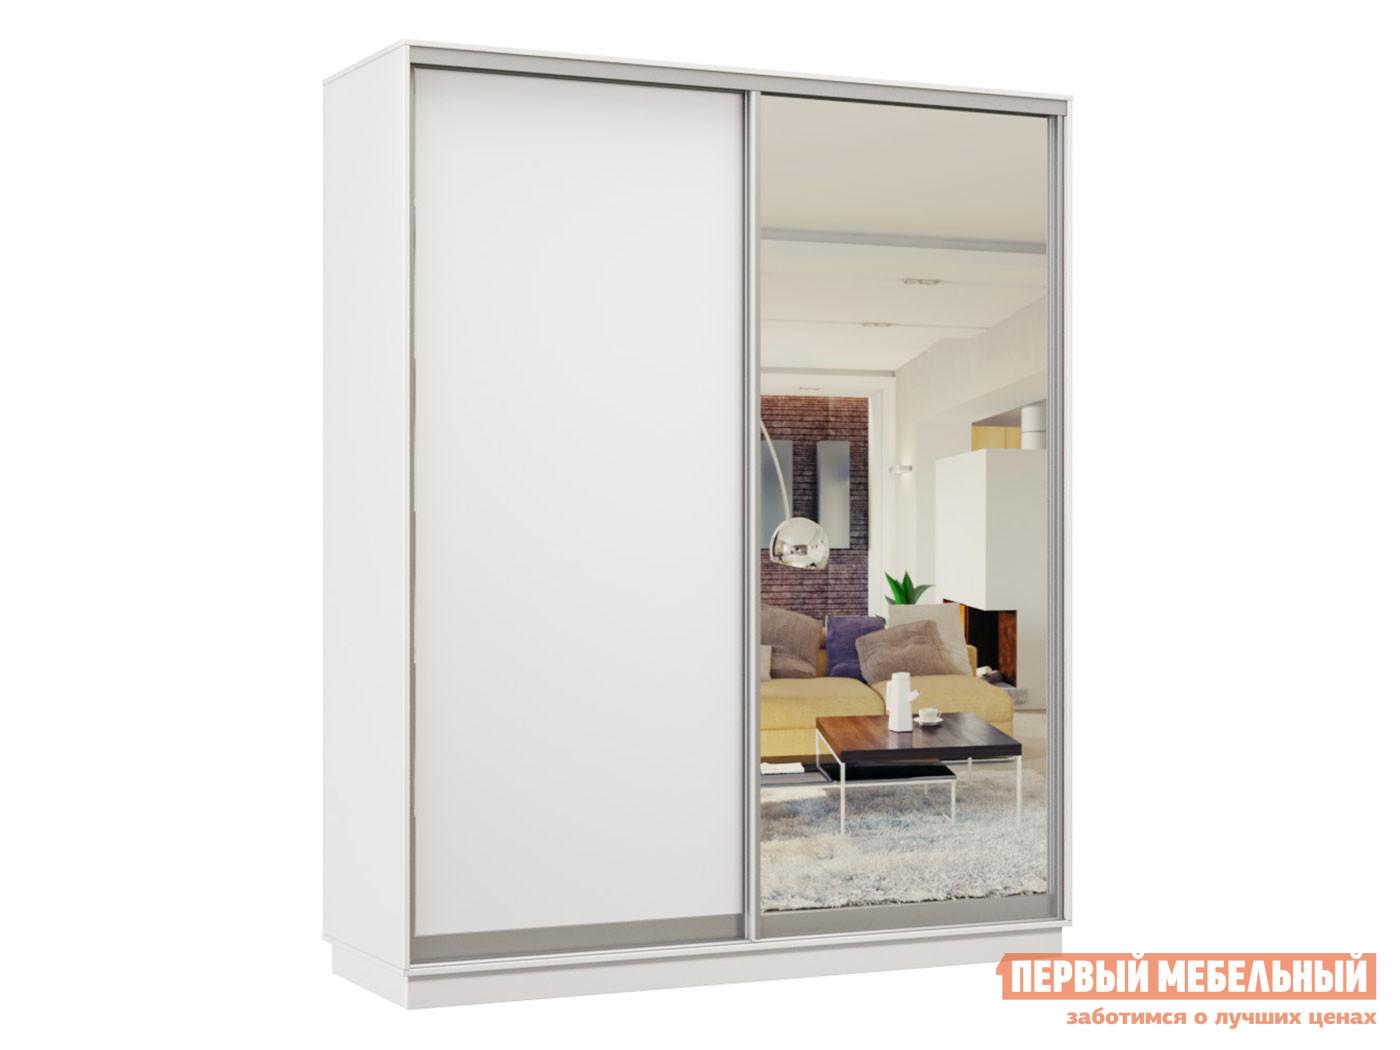 Шкаф-купе Первый Мебельный Классика 01, 09, 21, Двери 01+02